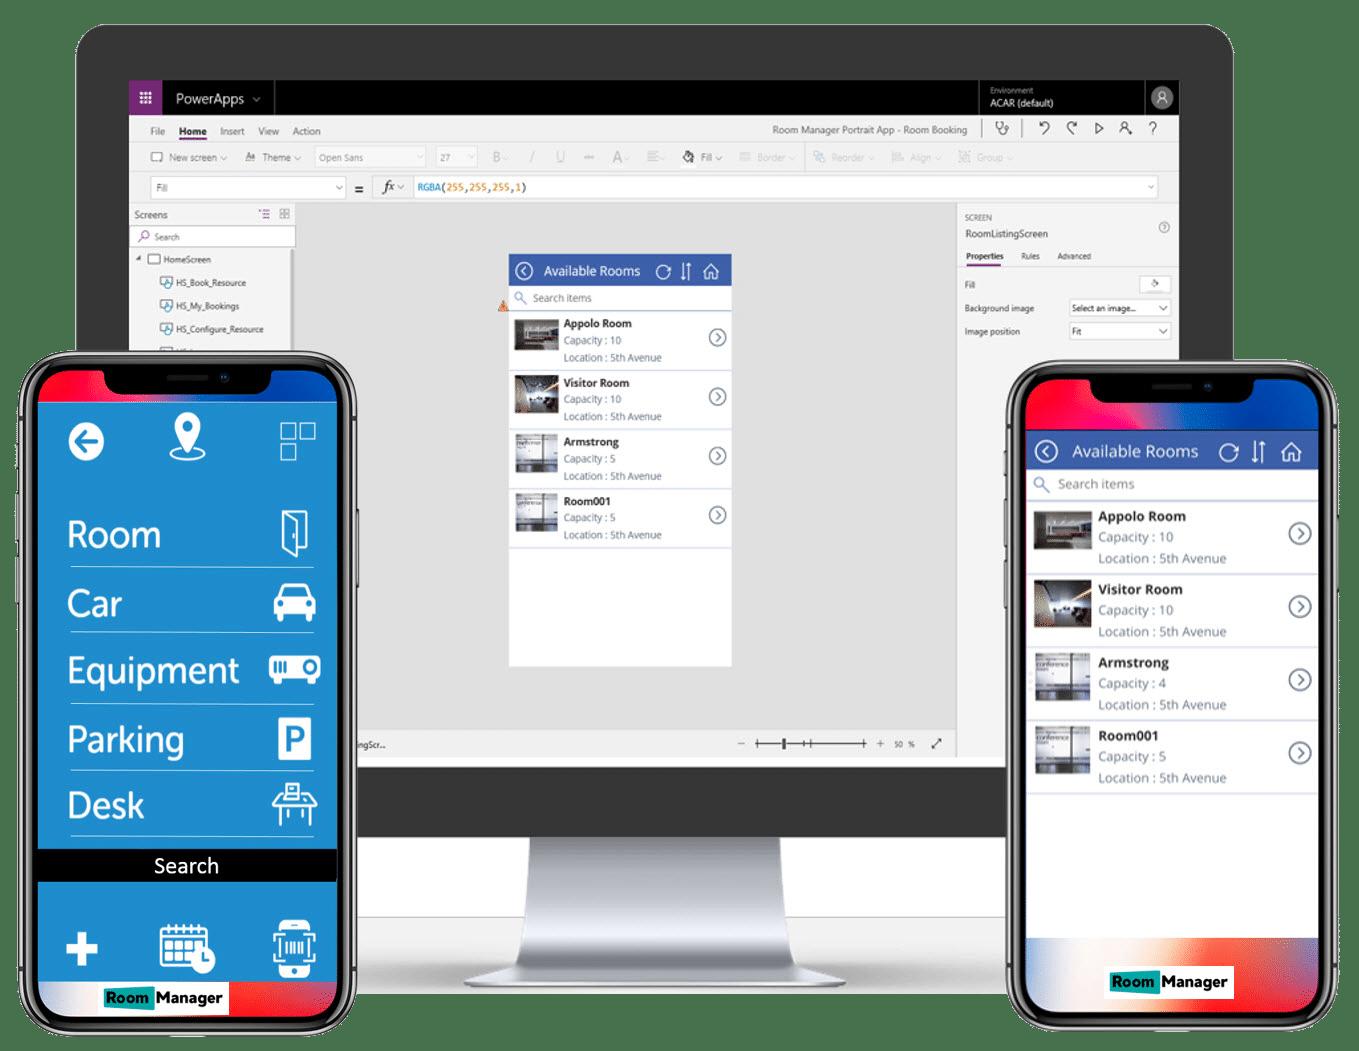 PowerApps Desktop Room Mobile App